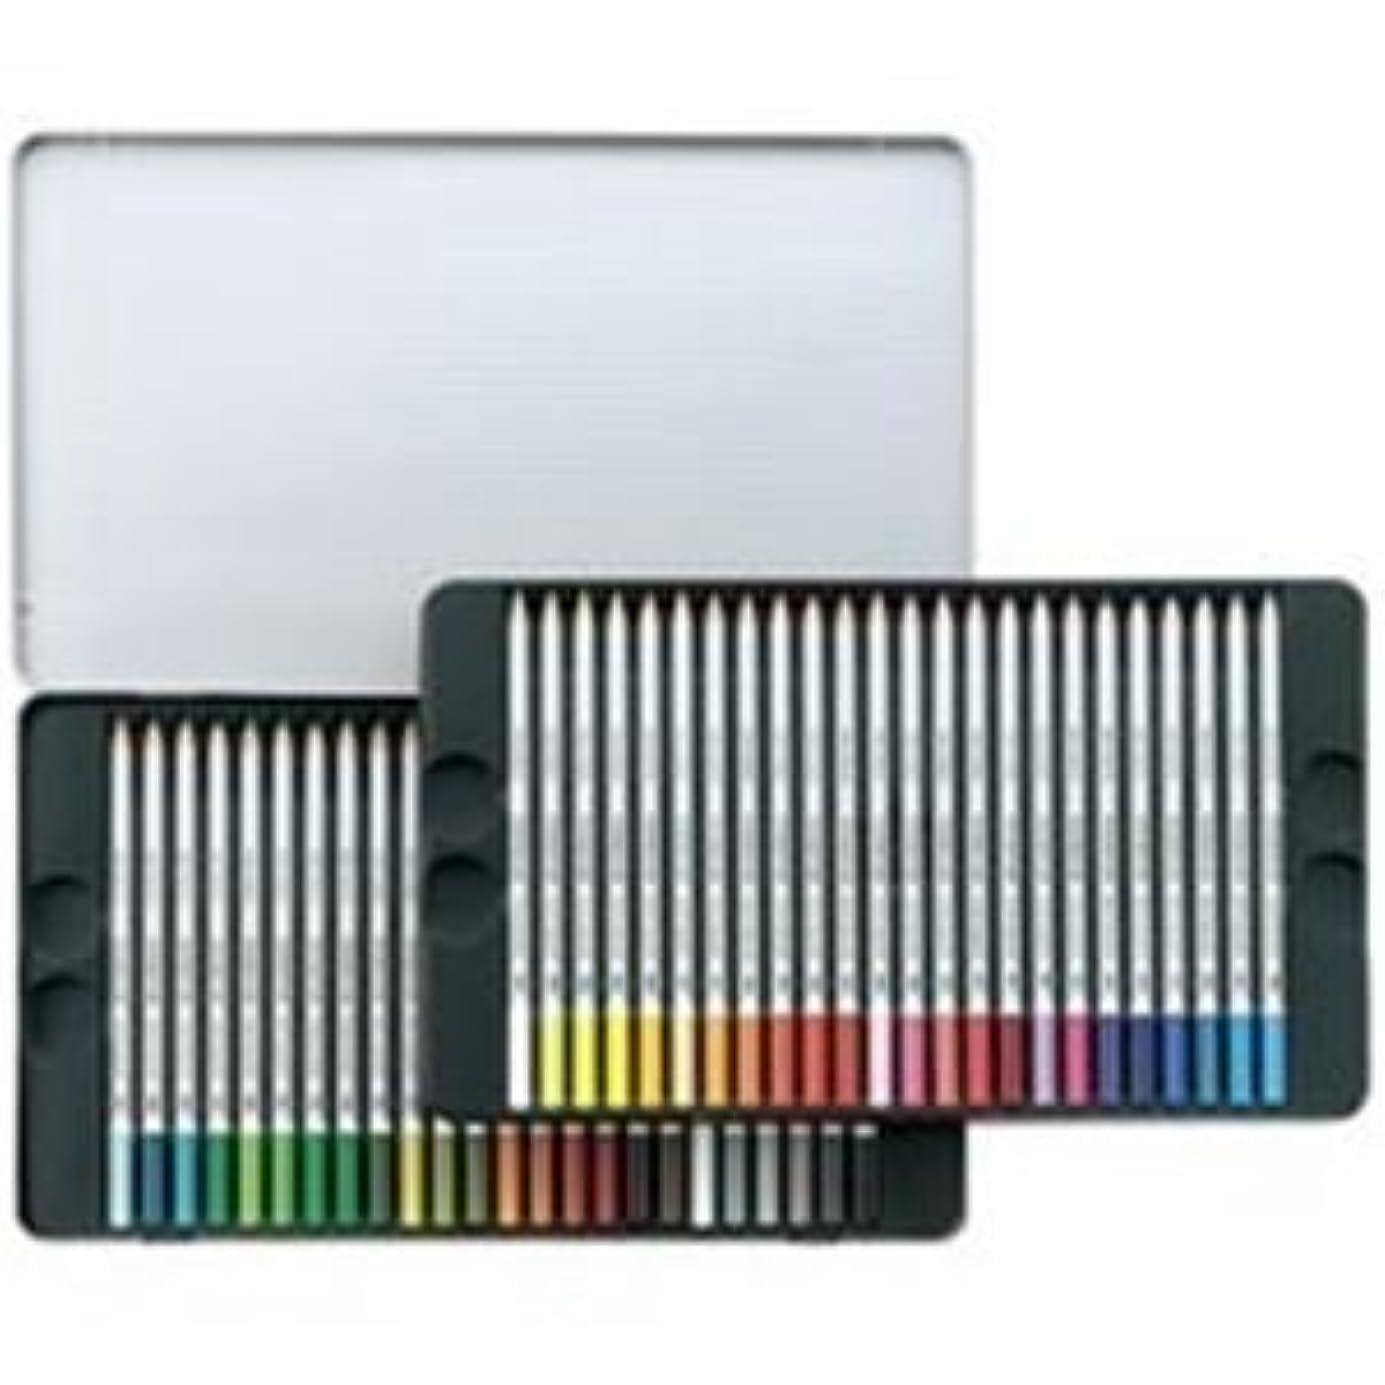 脱臼する必須石(業務用3セット) ステッドラー カラト水彩色鉛筆 125M48 48色